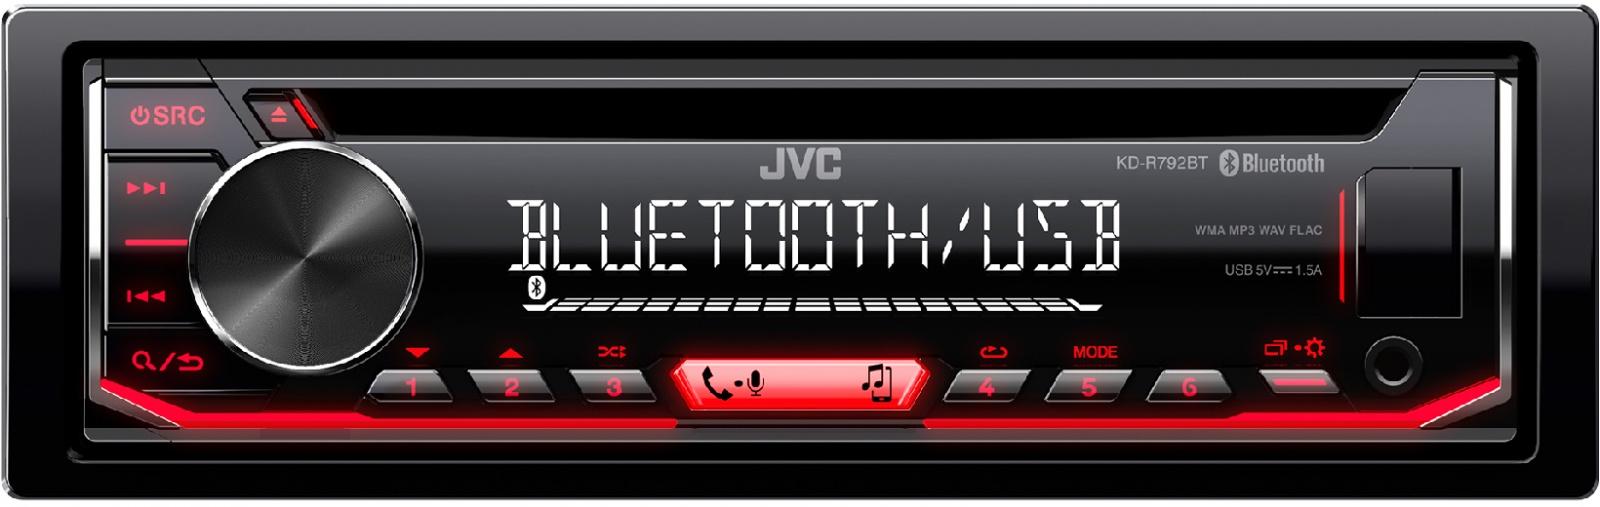 JVC KD-R792BT